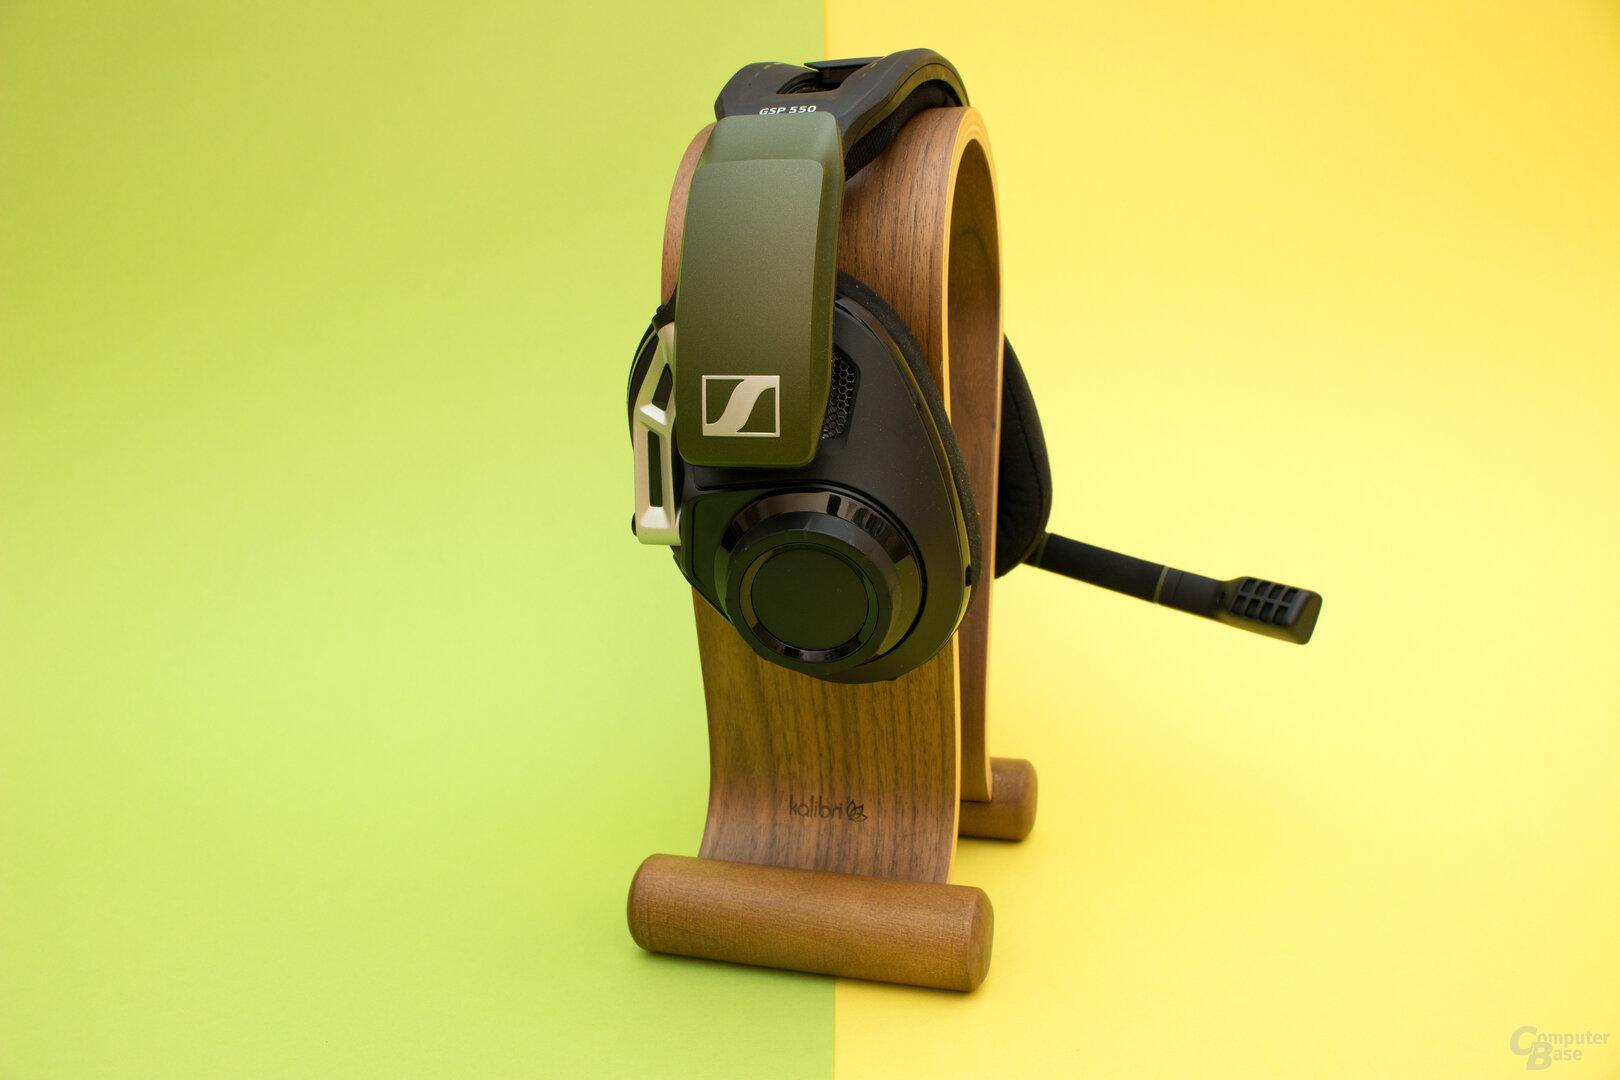 Der Sennheiser GSP 550 unterscheidet sich äußerlich nur farblich vom GSP 500